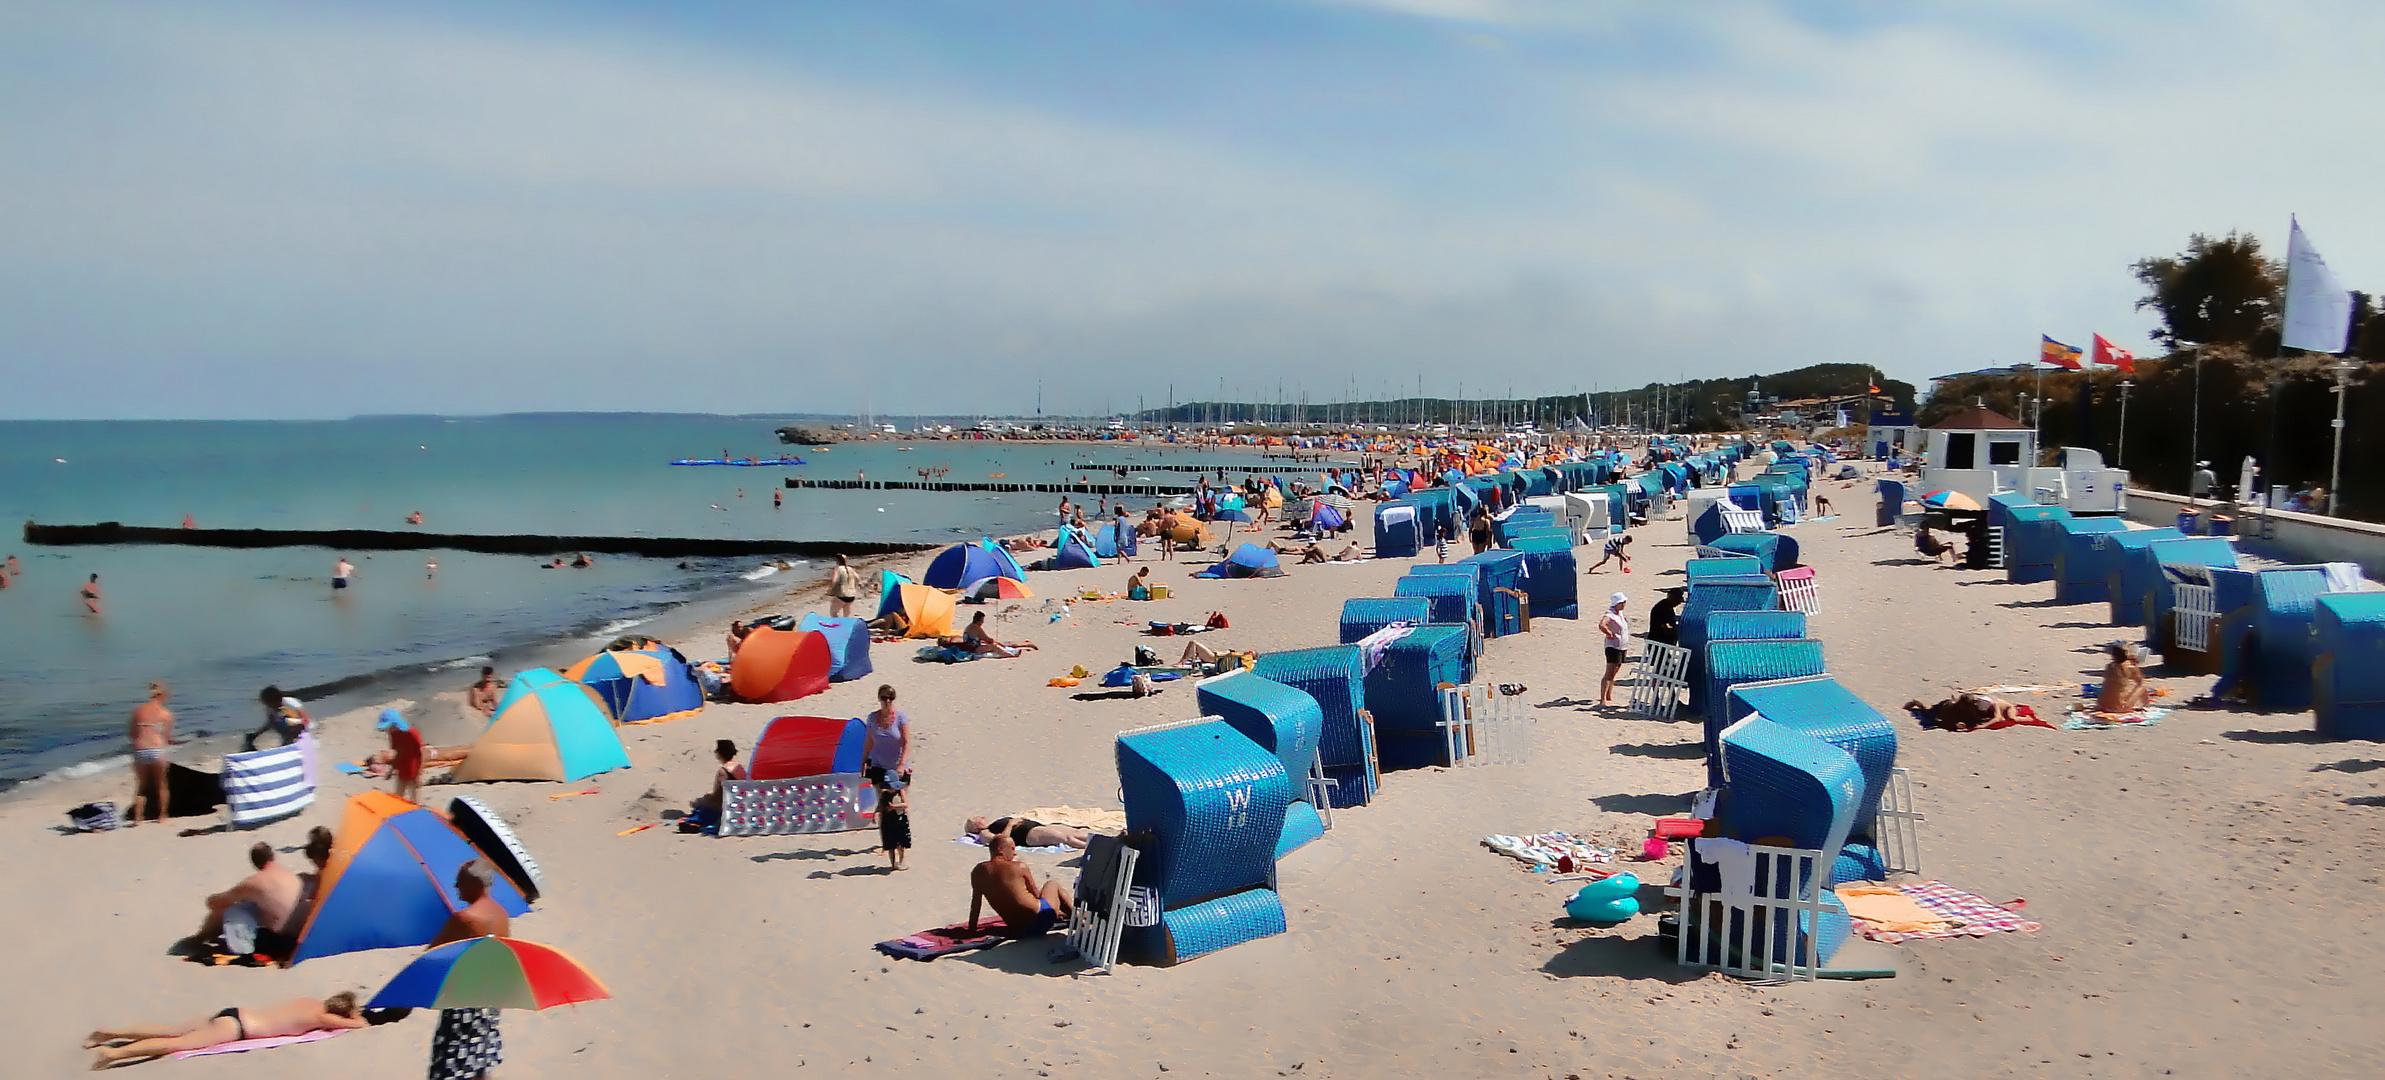 Strand Kühlungsborn-Weichgezeichnet